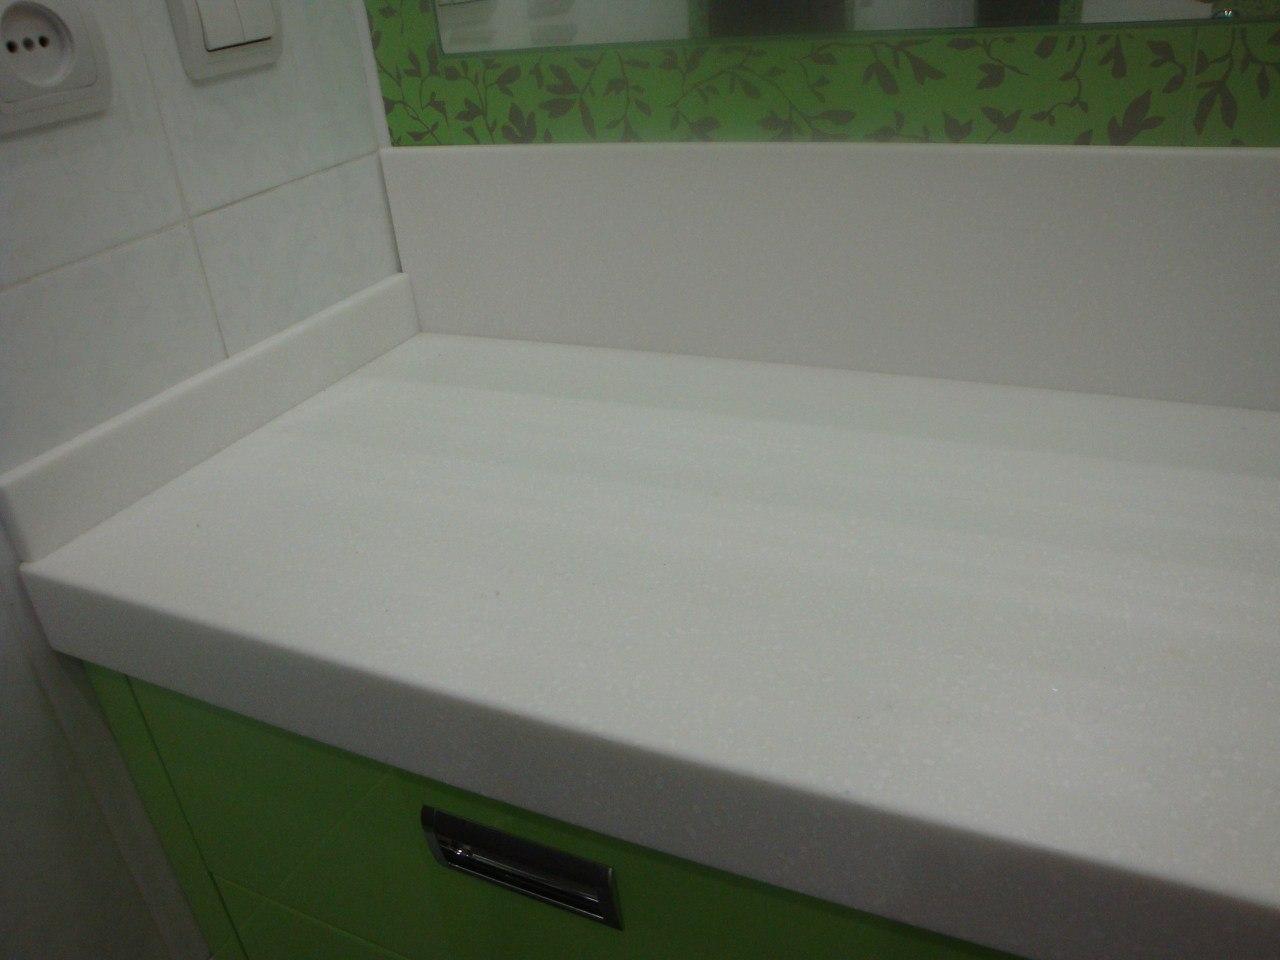 каменная акриловая столешница для тумбы в ванной комнате